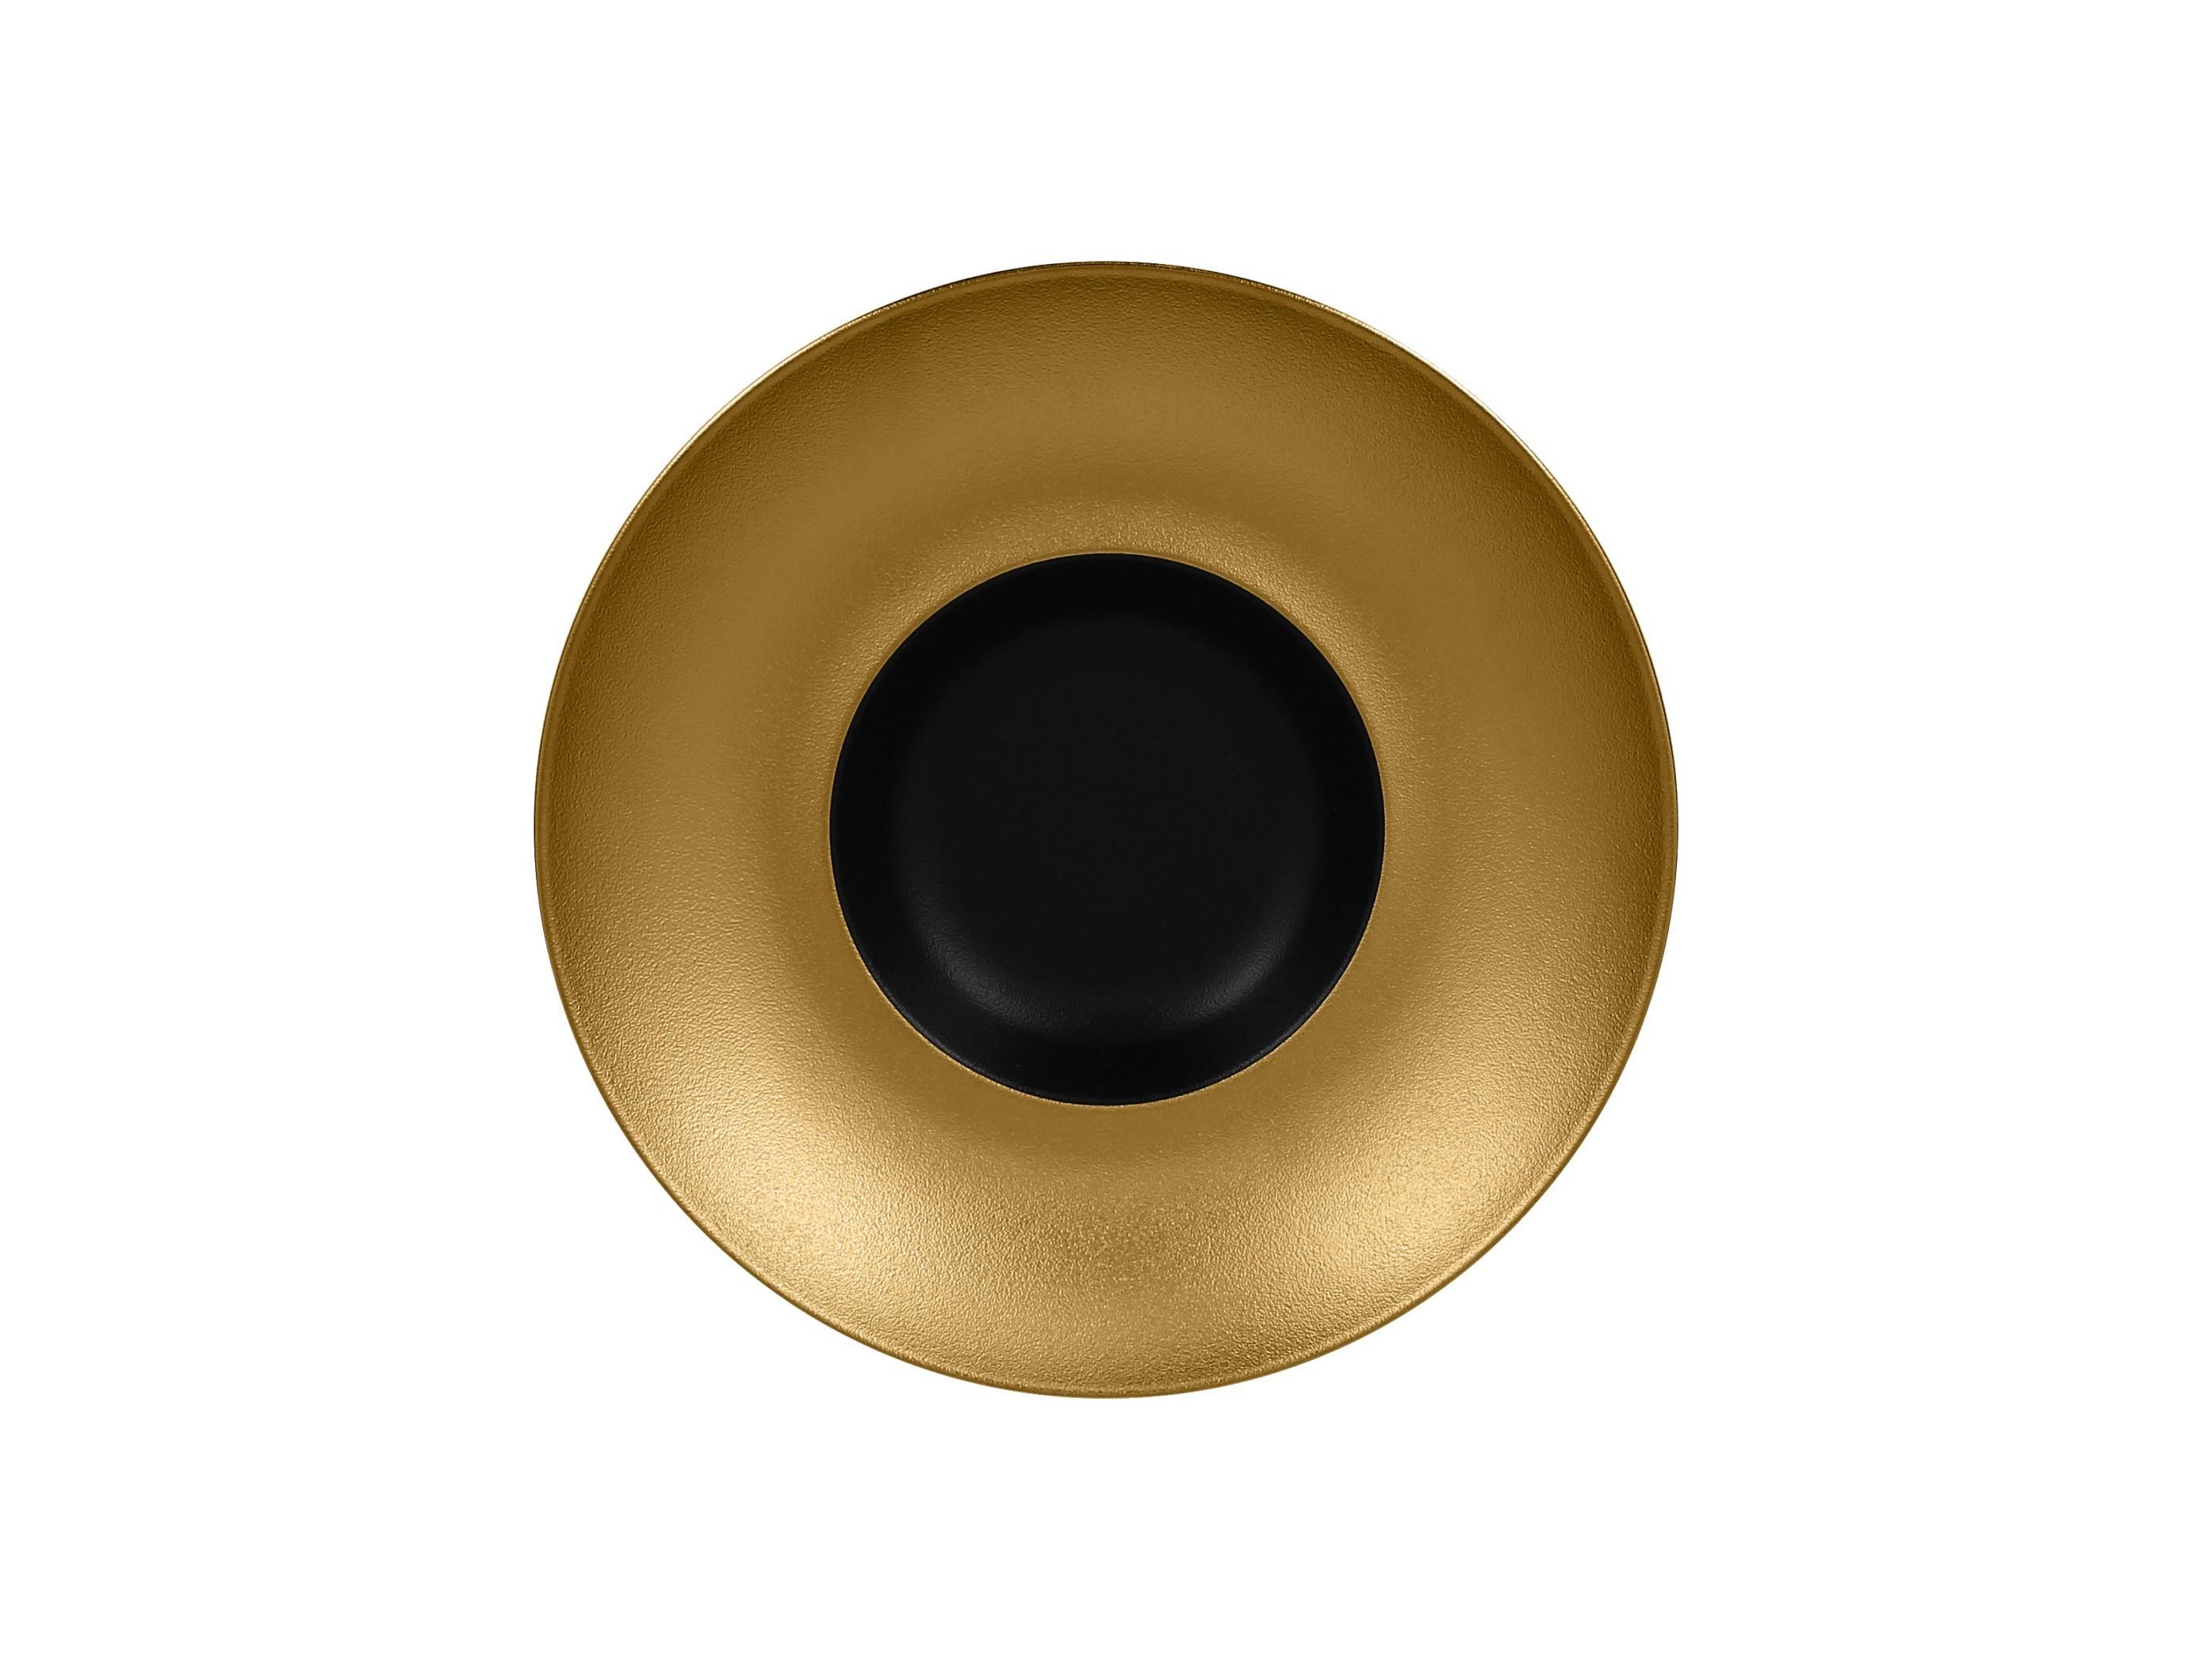 RAK | Metalfusion talíř hluboký Gourmet pr. 26 cm, černo-zlatý